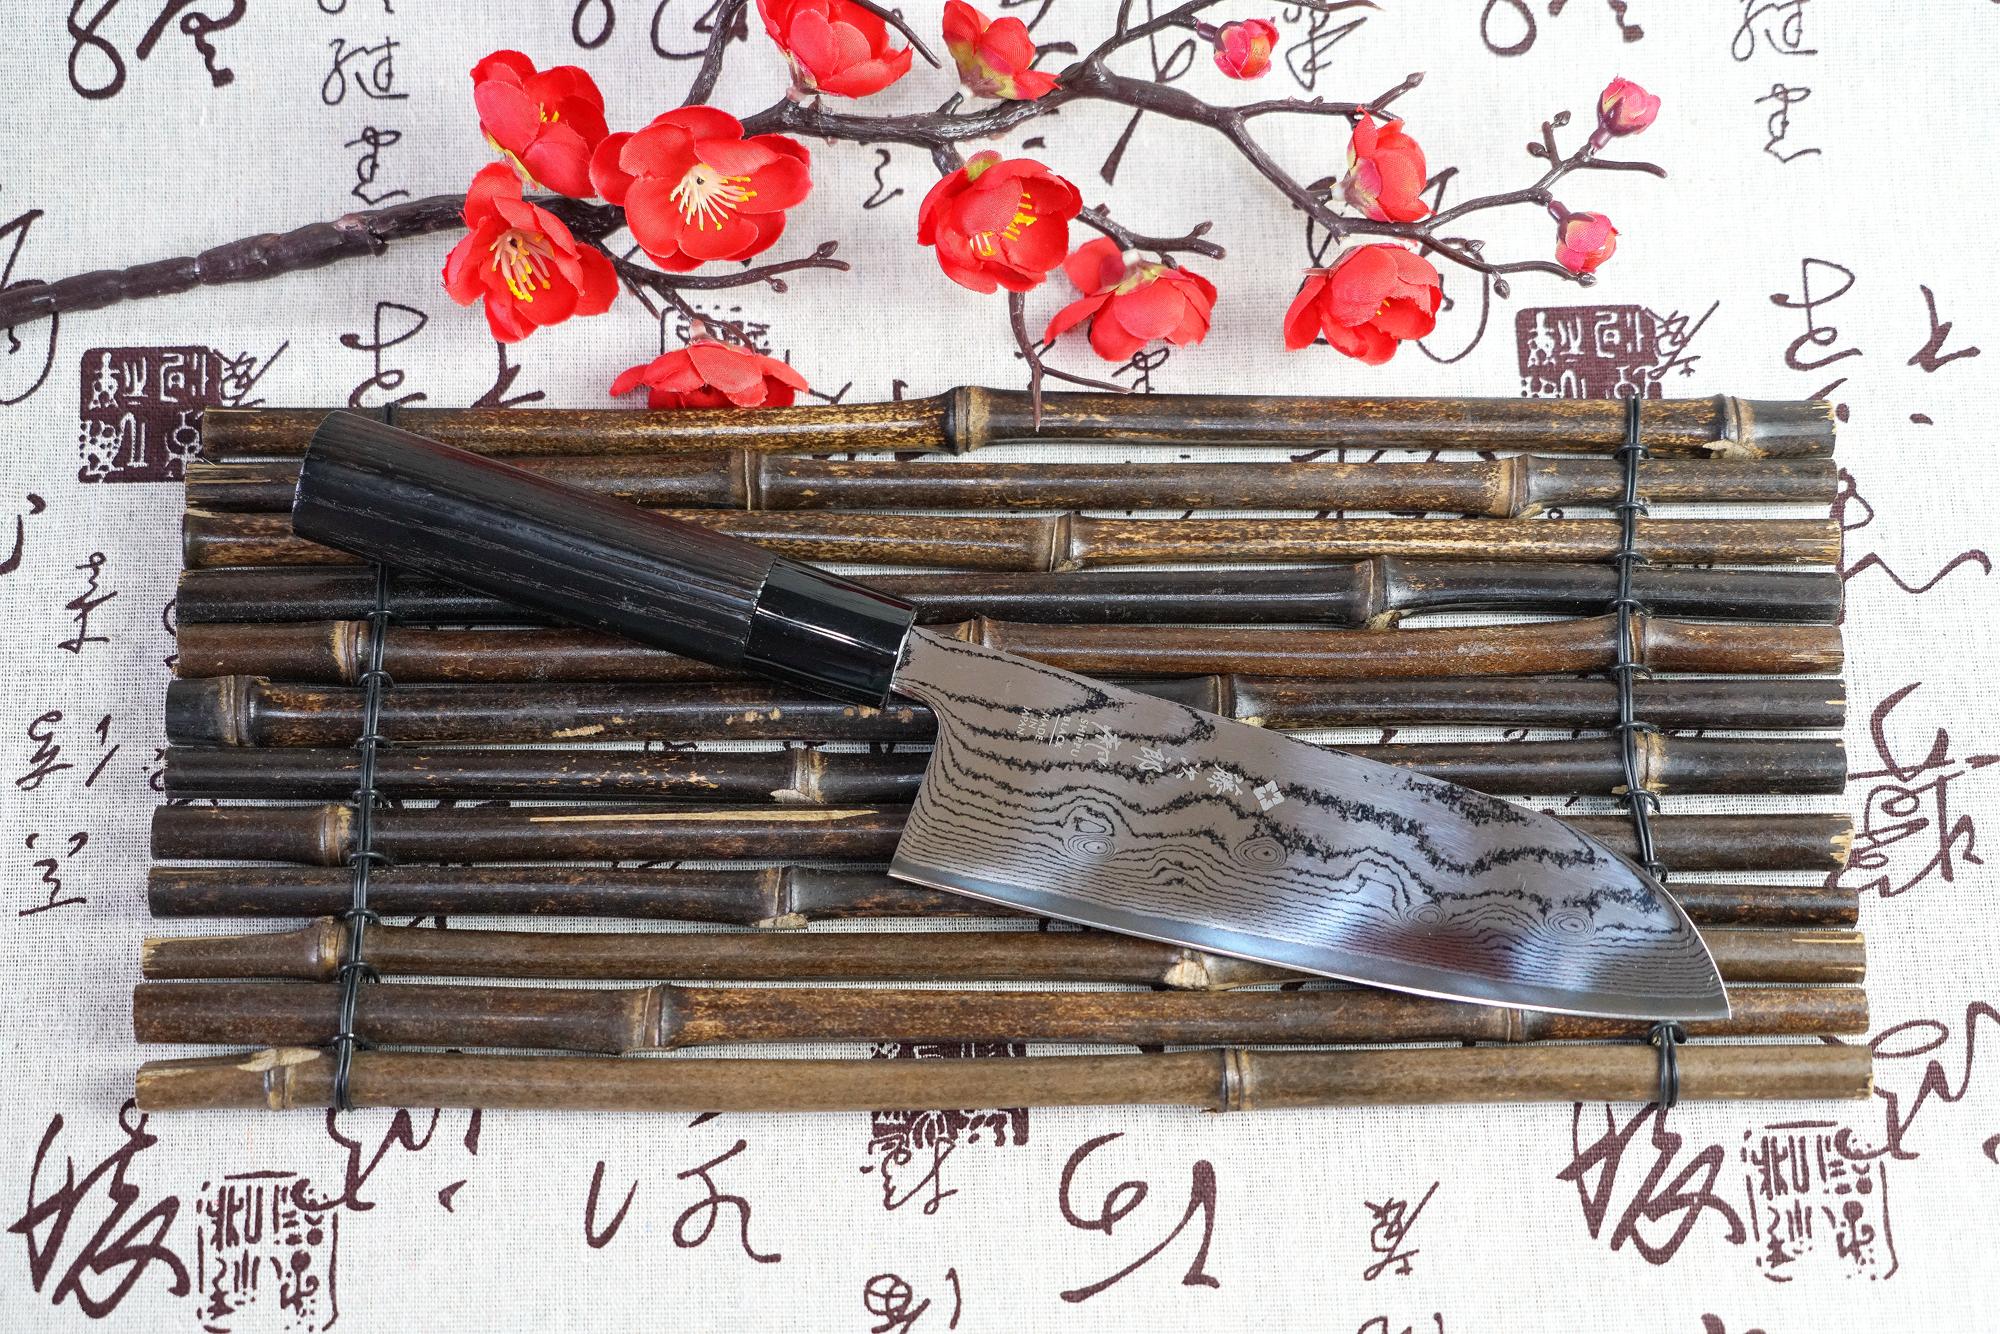 一路火花带闪电:藤次郎TOJIRO 疾风 Black 系列三德刀 FD-1597